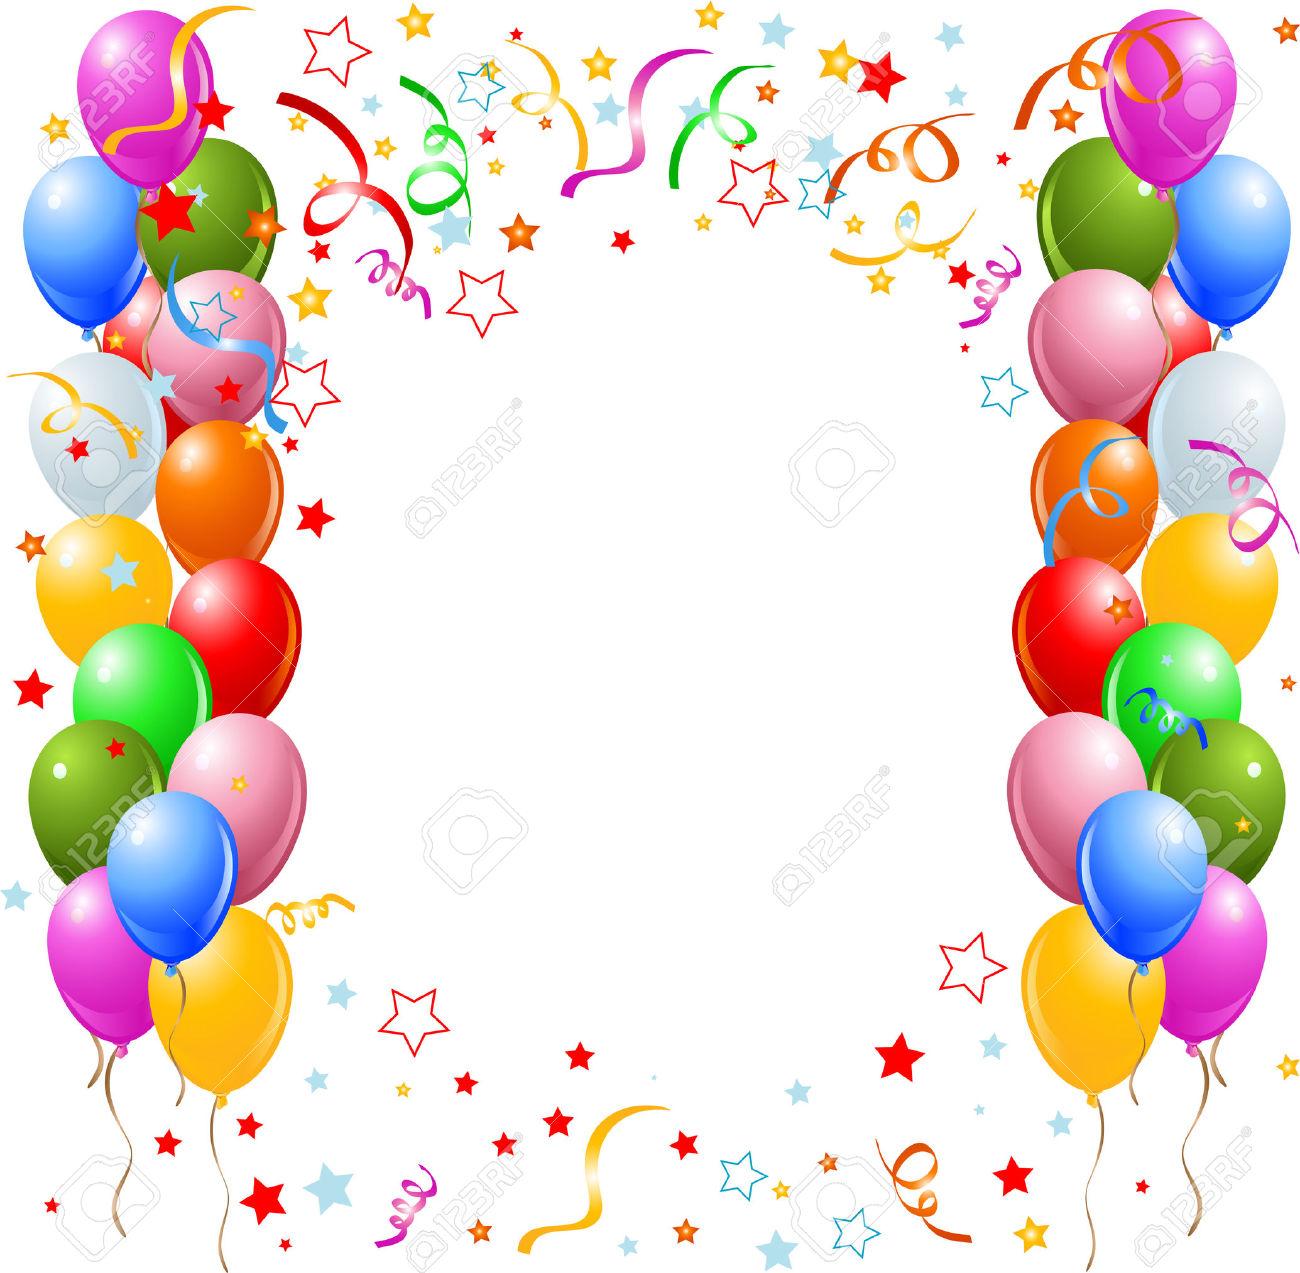 1300x1273 Confetti Balloon Clipart, Explore Pictures